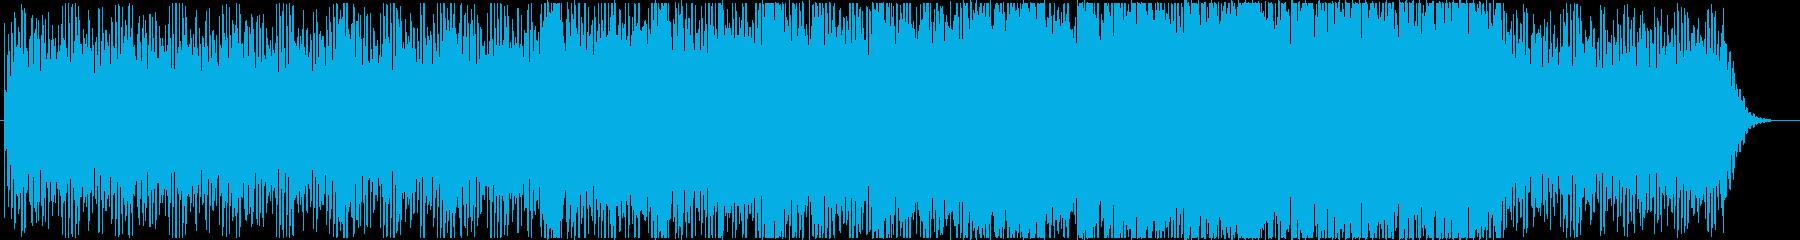 雫から大河への変化をイメージしたBGMの再生済みの波形